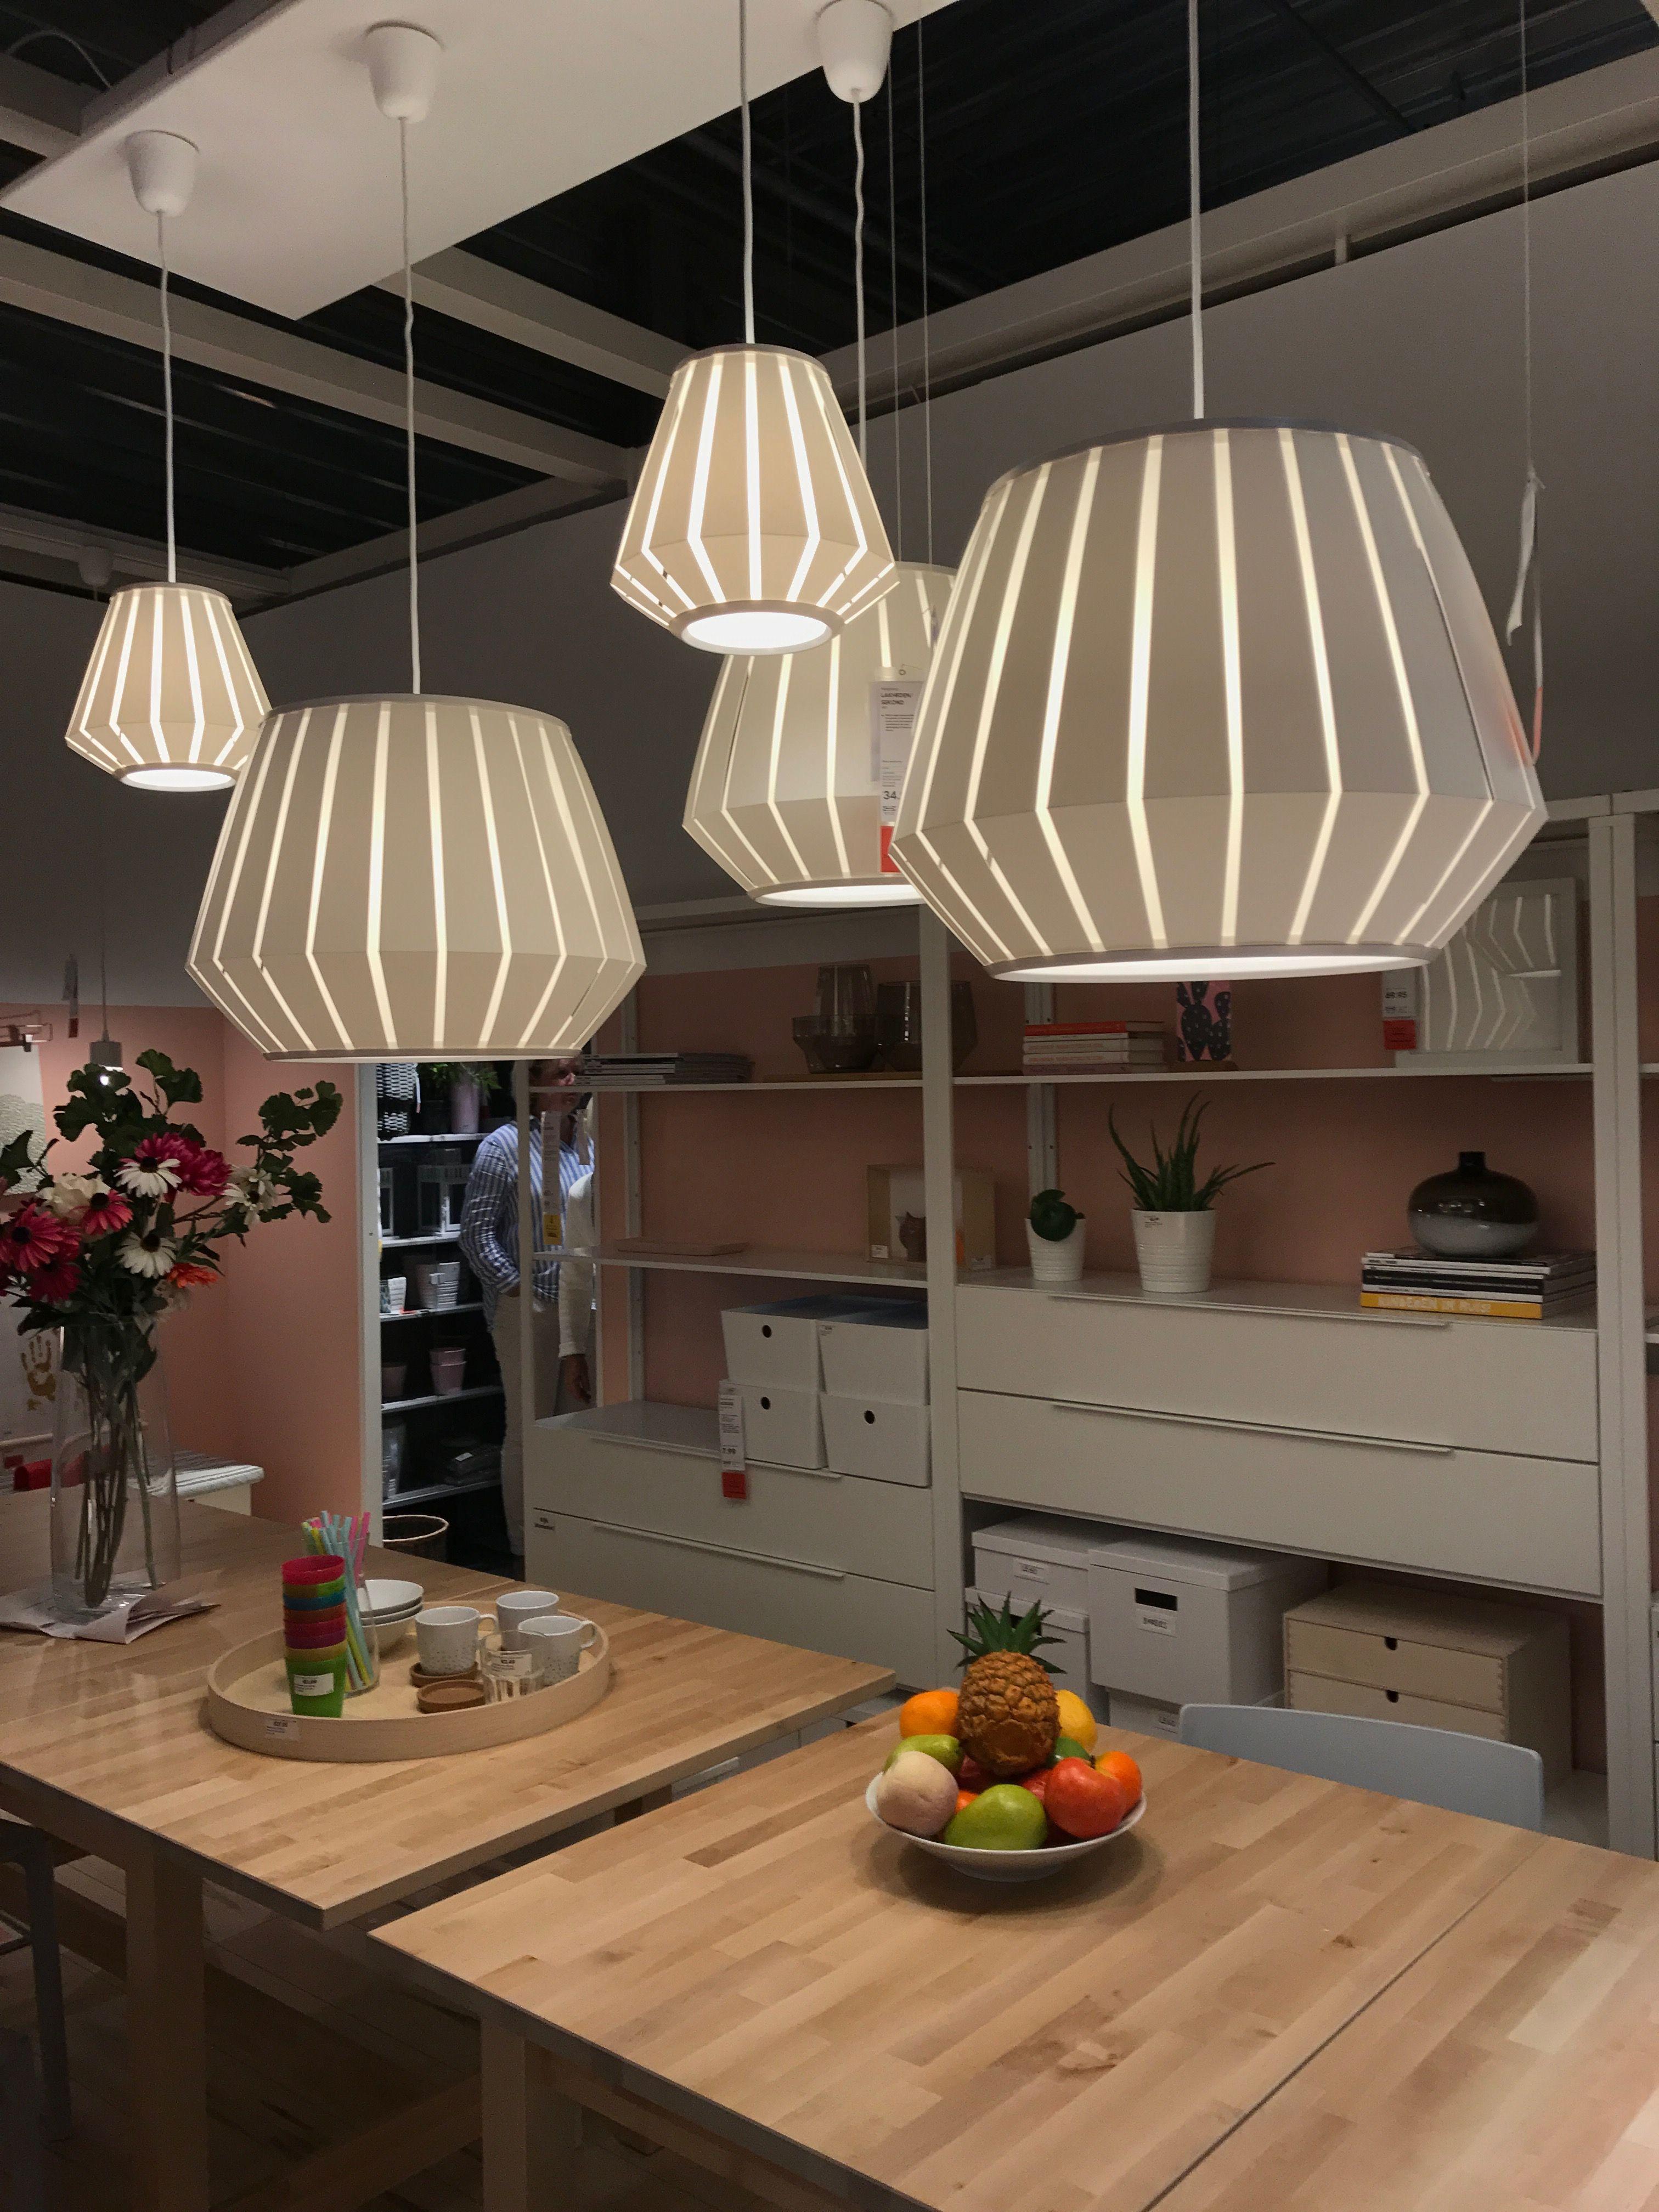 Ikea Hanglamp Eettafel Lampen Pinterest Eettafel Lampen En